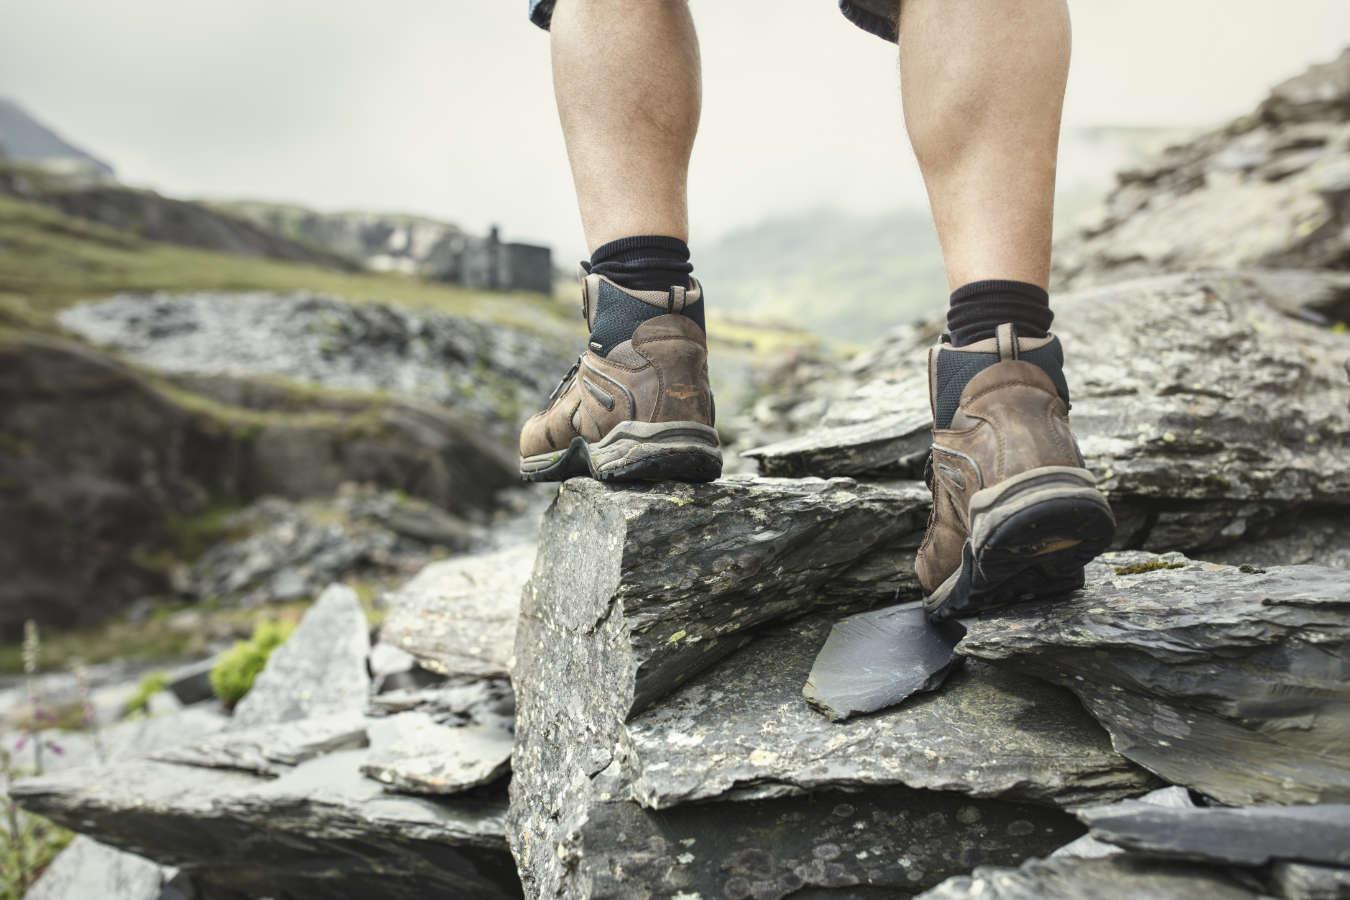 Buty górskie czy miejskie – które wybrać i jakie są różnice?